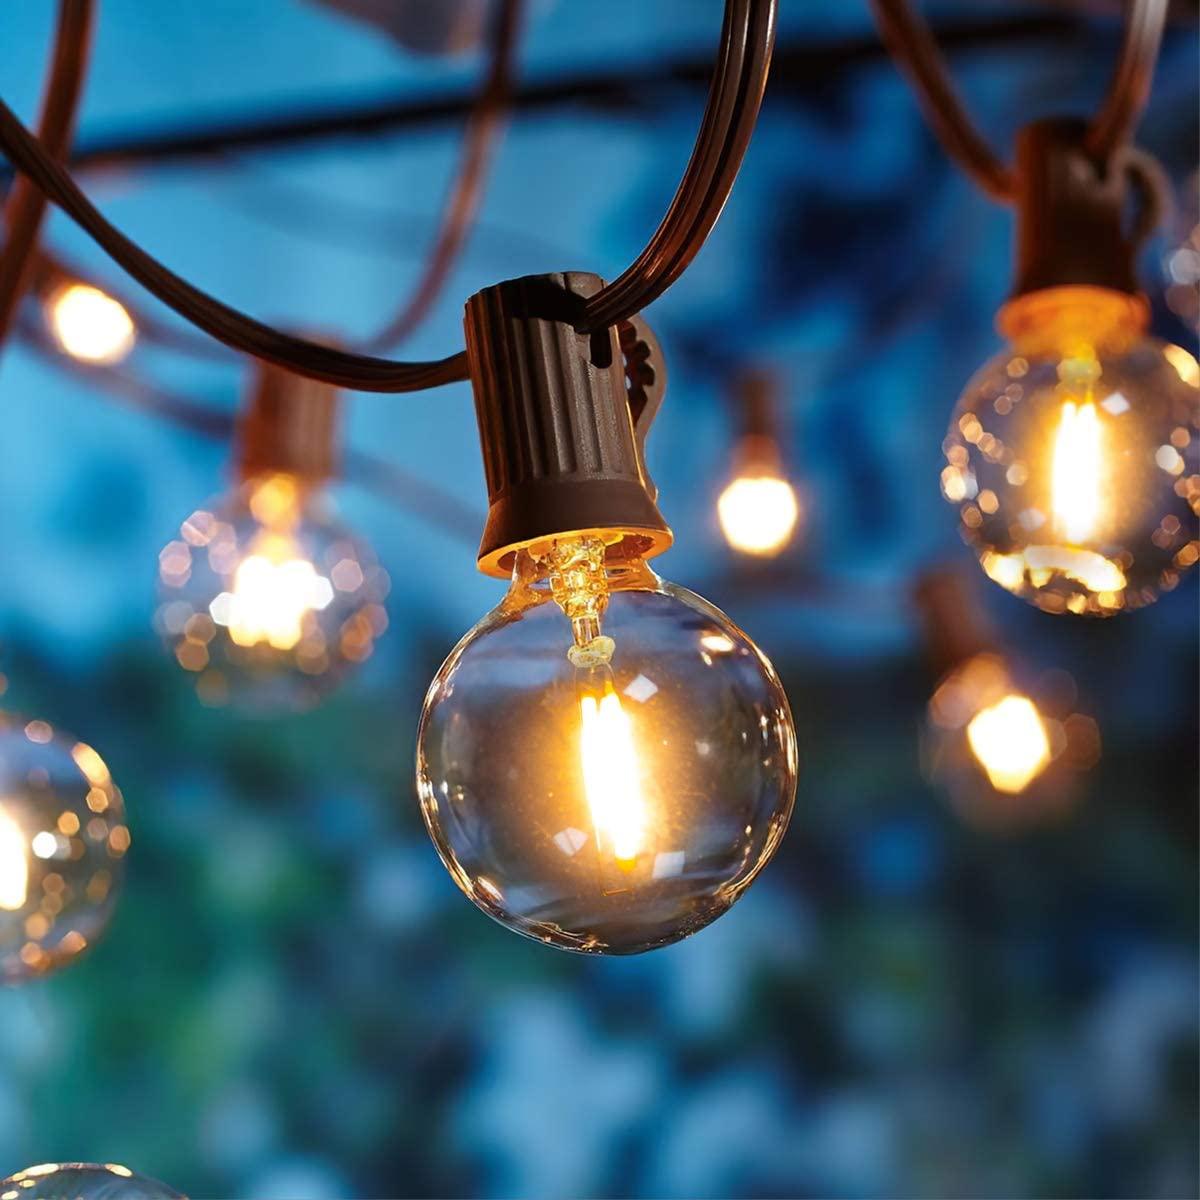 Guirnaldas luminosas de exterior,[LED Versión] OxyLED G40 9 Metros 25 bombillas Luces de la secuencia del jardín al aire libre,Decorative String Luces,Garden Terrace Luces de patio de Navidad [Clase de eficiencia energética A+++]